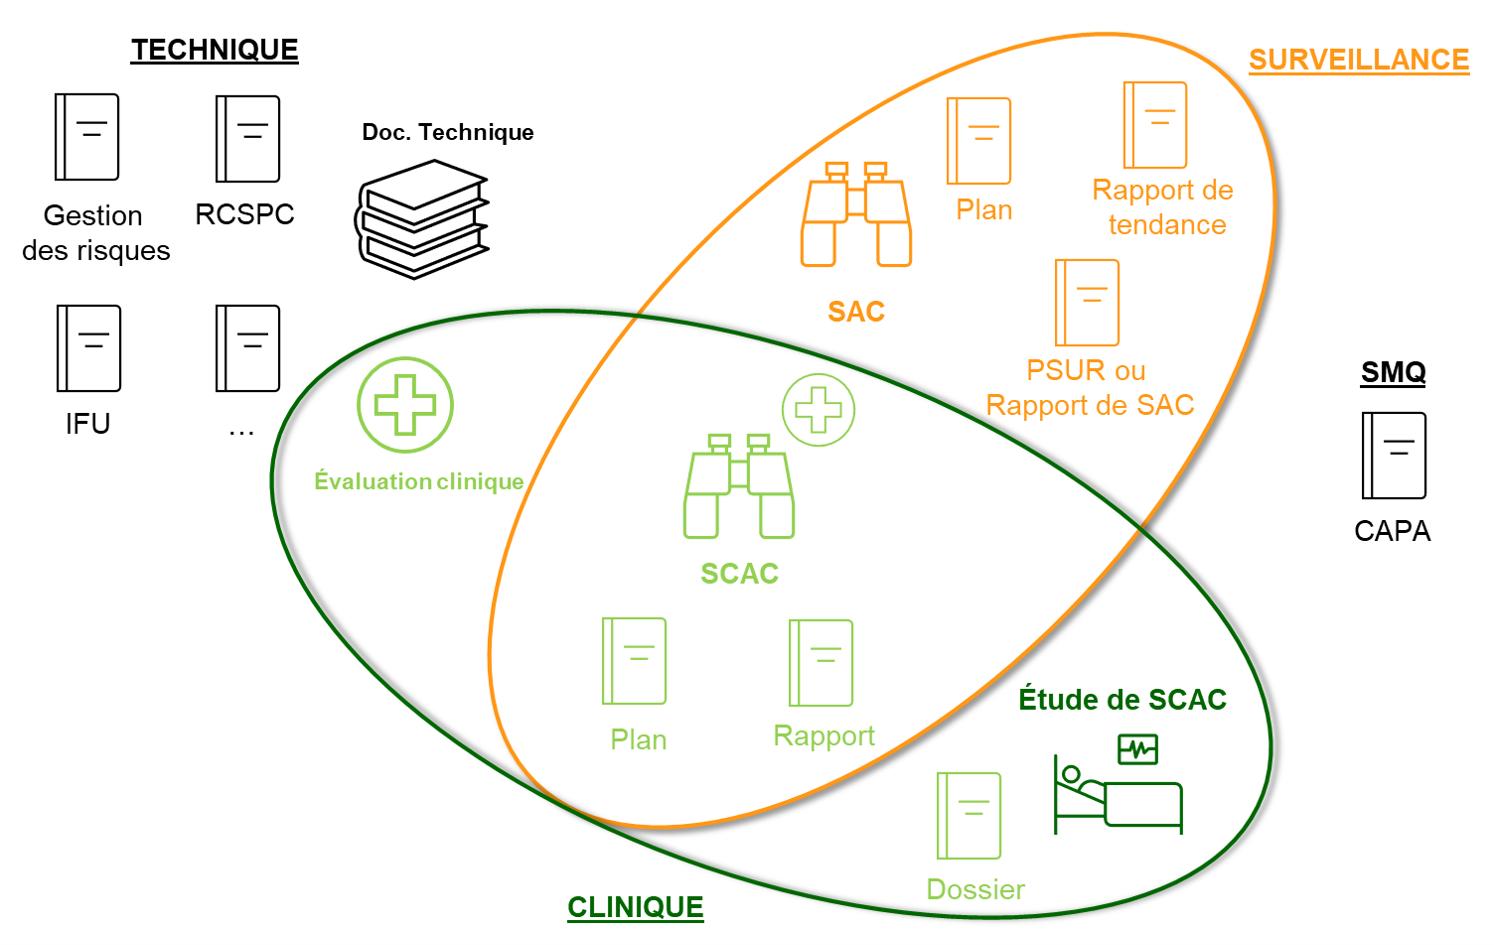 SCAC : documents et activités